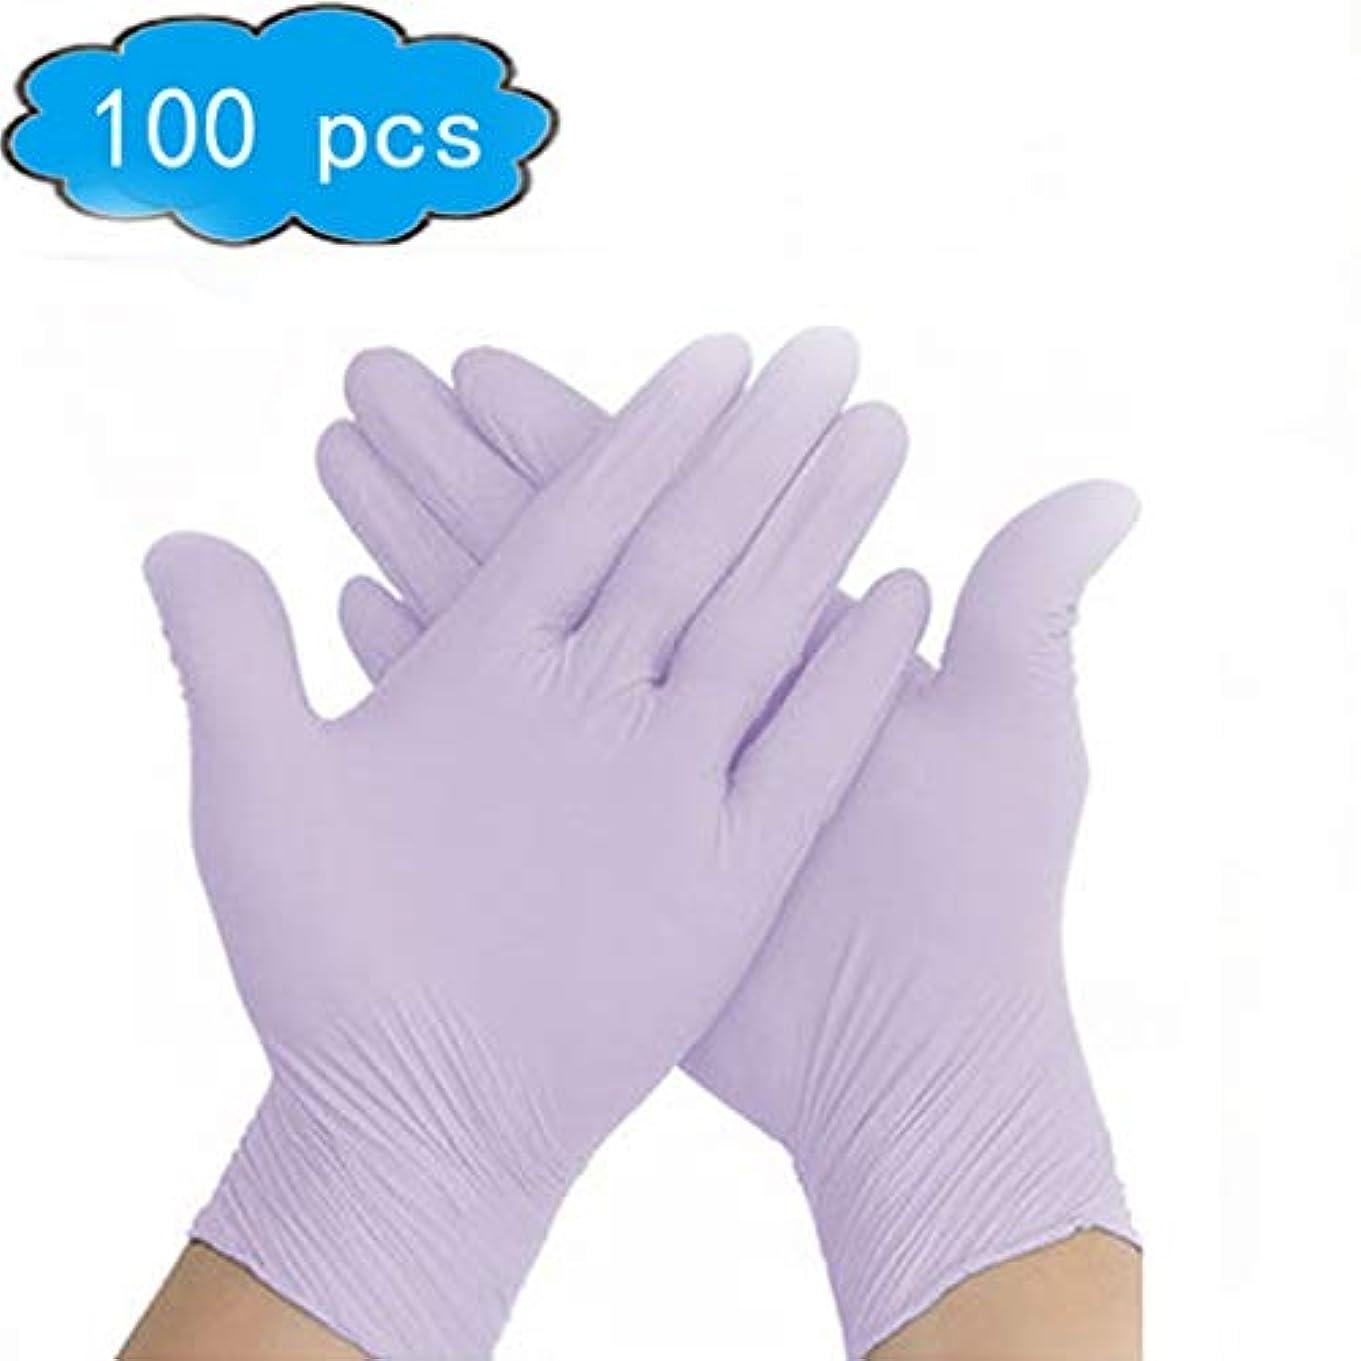 ニトリル手袋 - 医療用グレード、パウダーフリー、使い捨て、非滅菌、食品安全、テクスチャード加工、紫色、便利なディスペンサーパッケージ100、中サイズ、サニタリー手袋 (Color : Purple, Size : L)